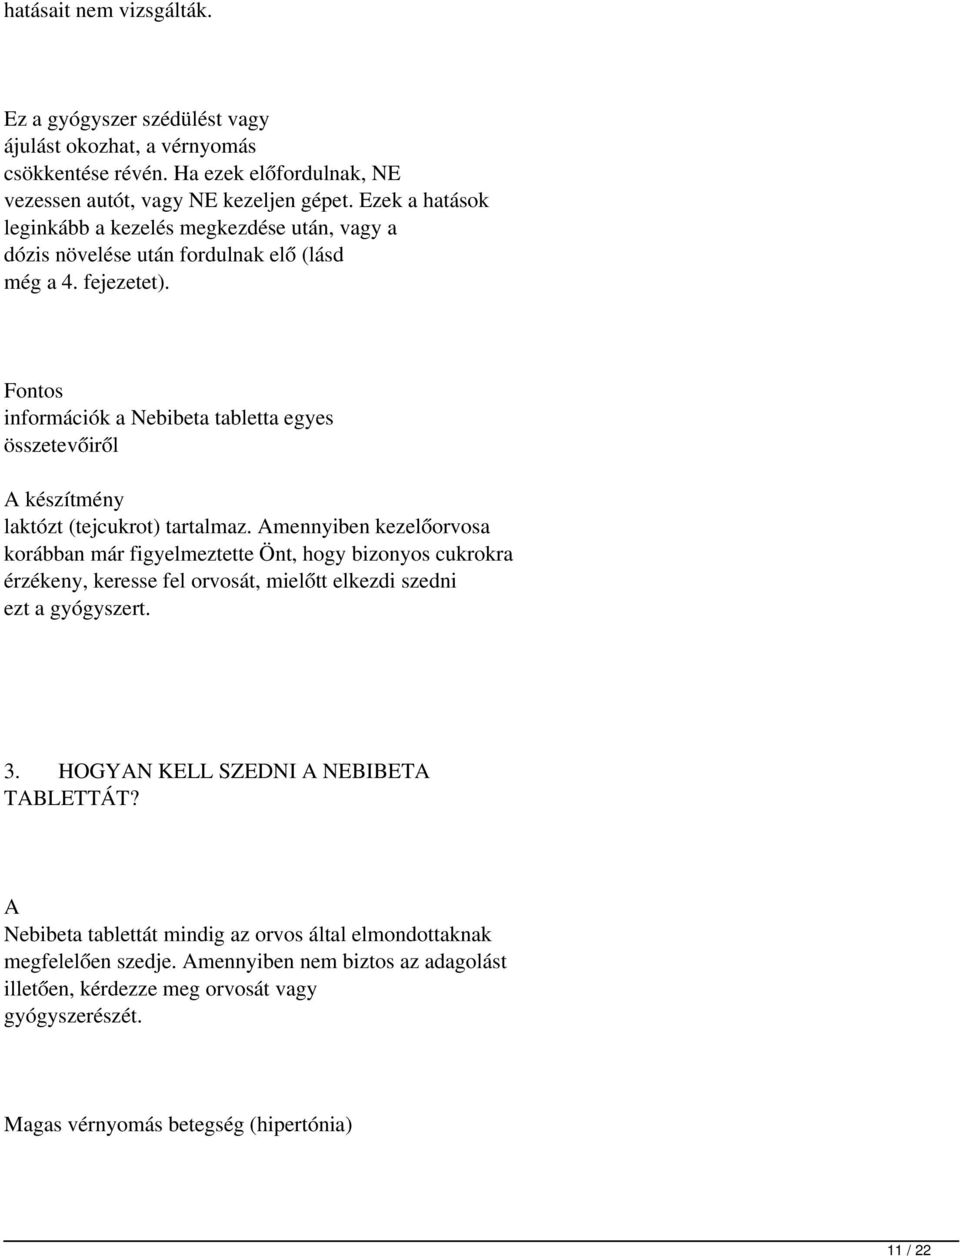 magas vérnyomás elleni gyógyszer verapamil)